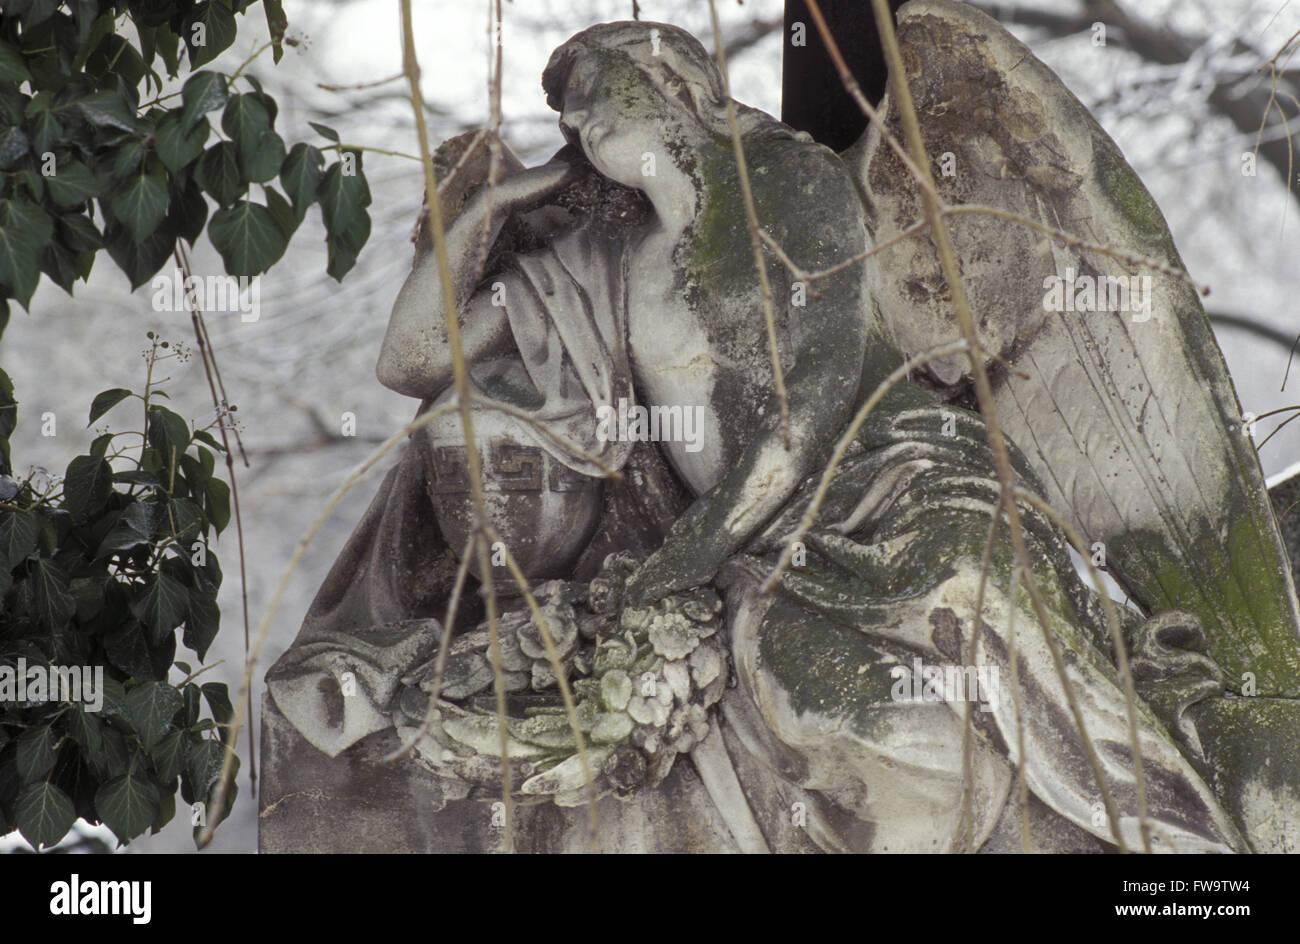 AUT, Austria, Vienna, at the Central Cemetery.   AUT, Oesterreich, Wien,  auf dem Zentralfriedhof. - Stock Image